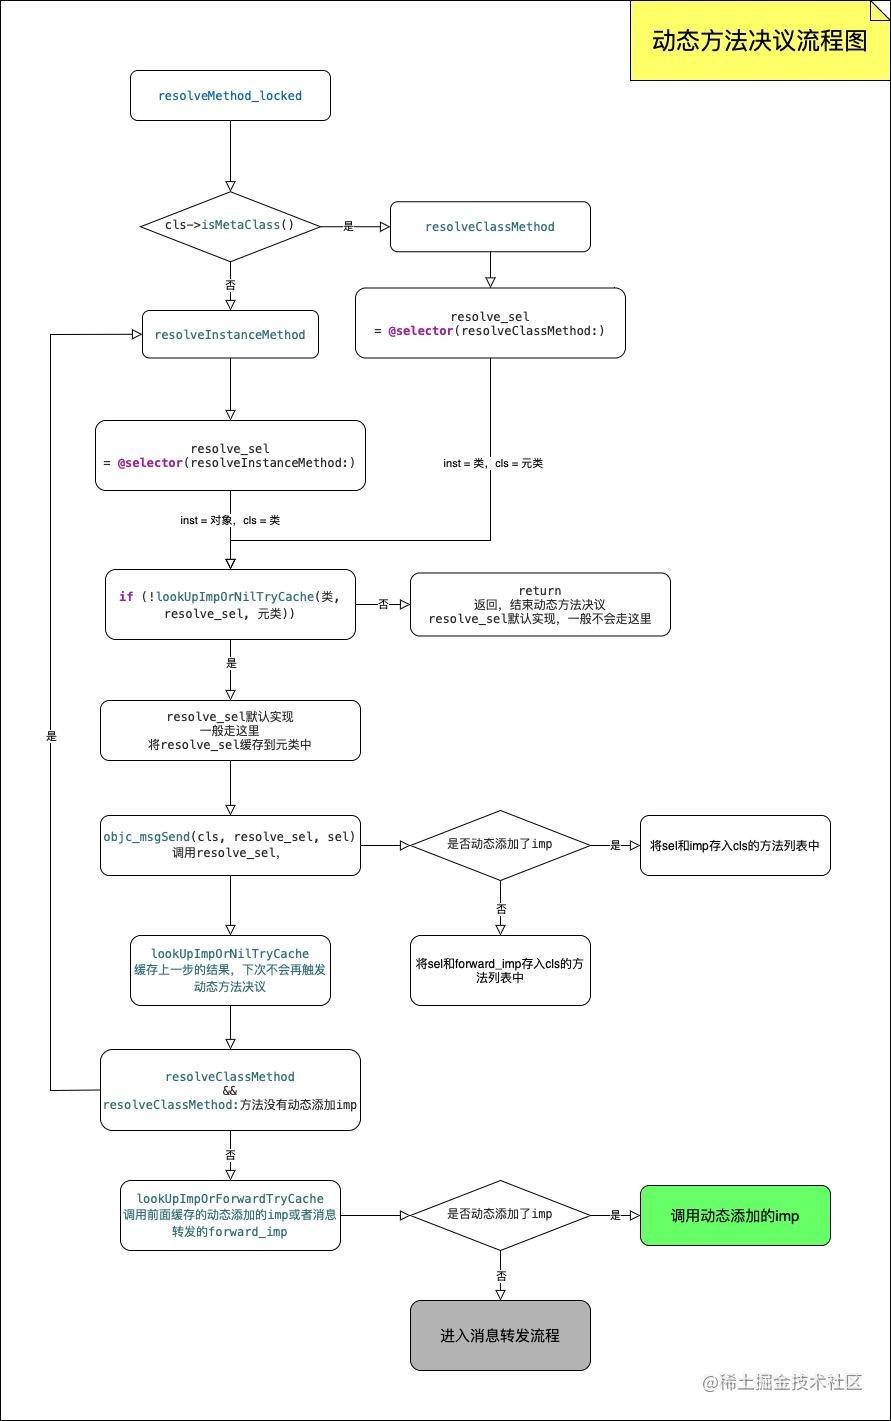 动态方法决议流程图.jpg